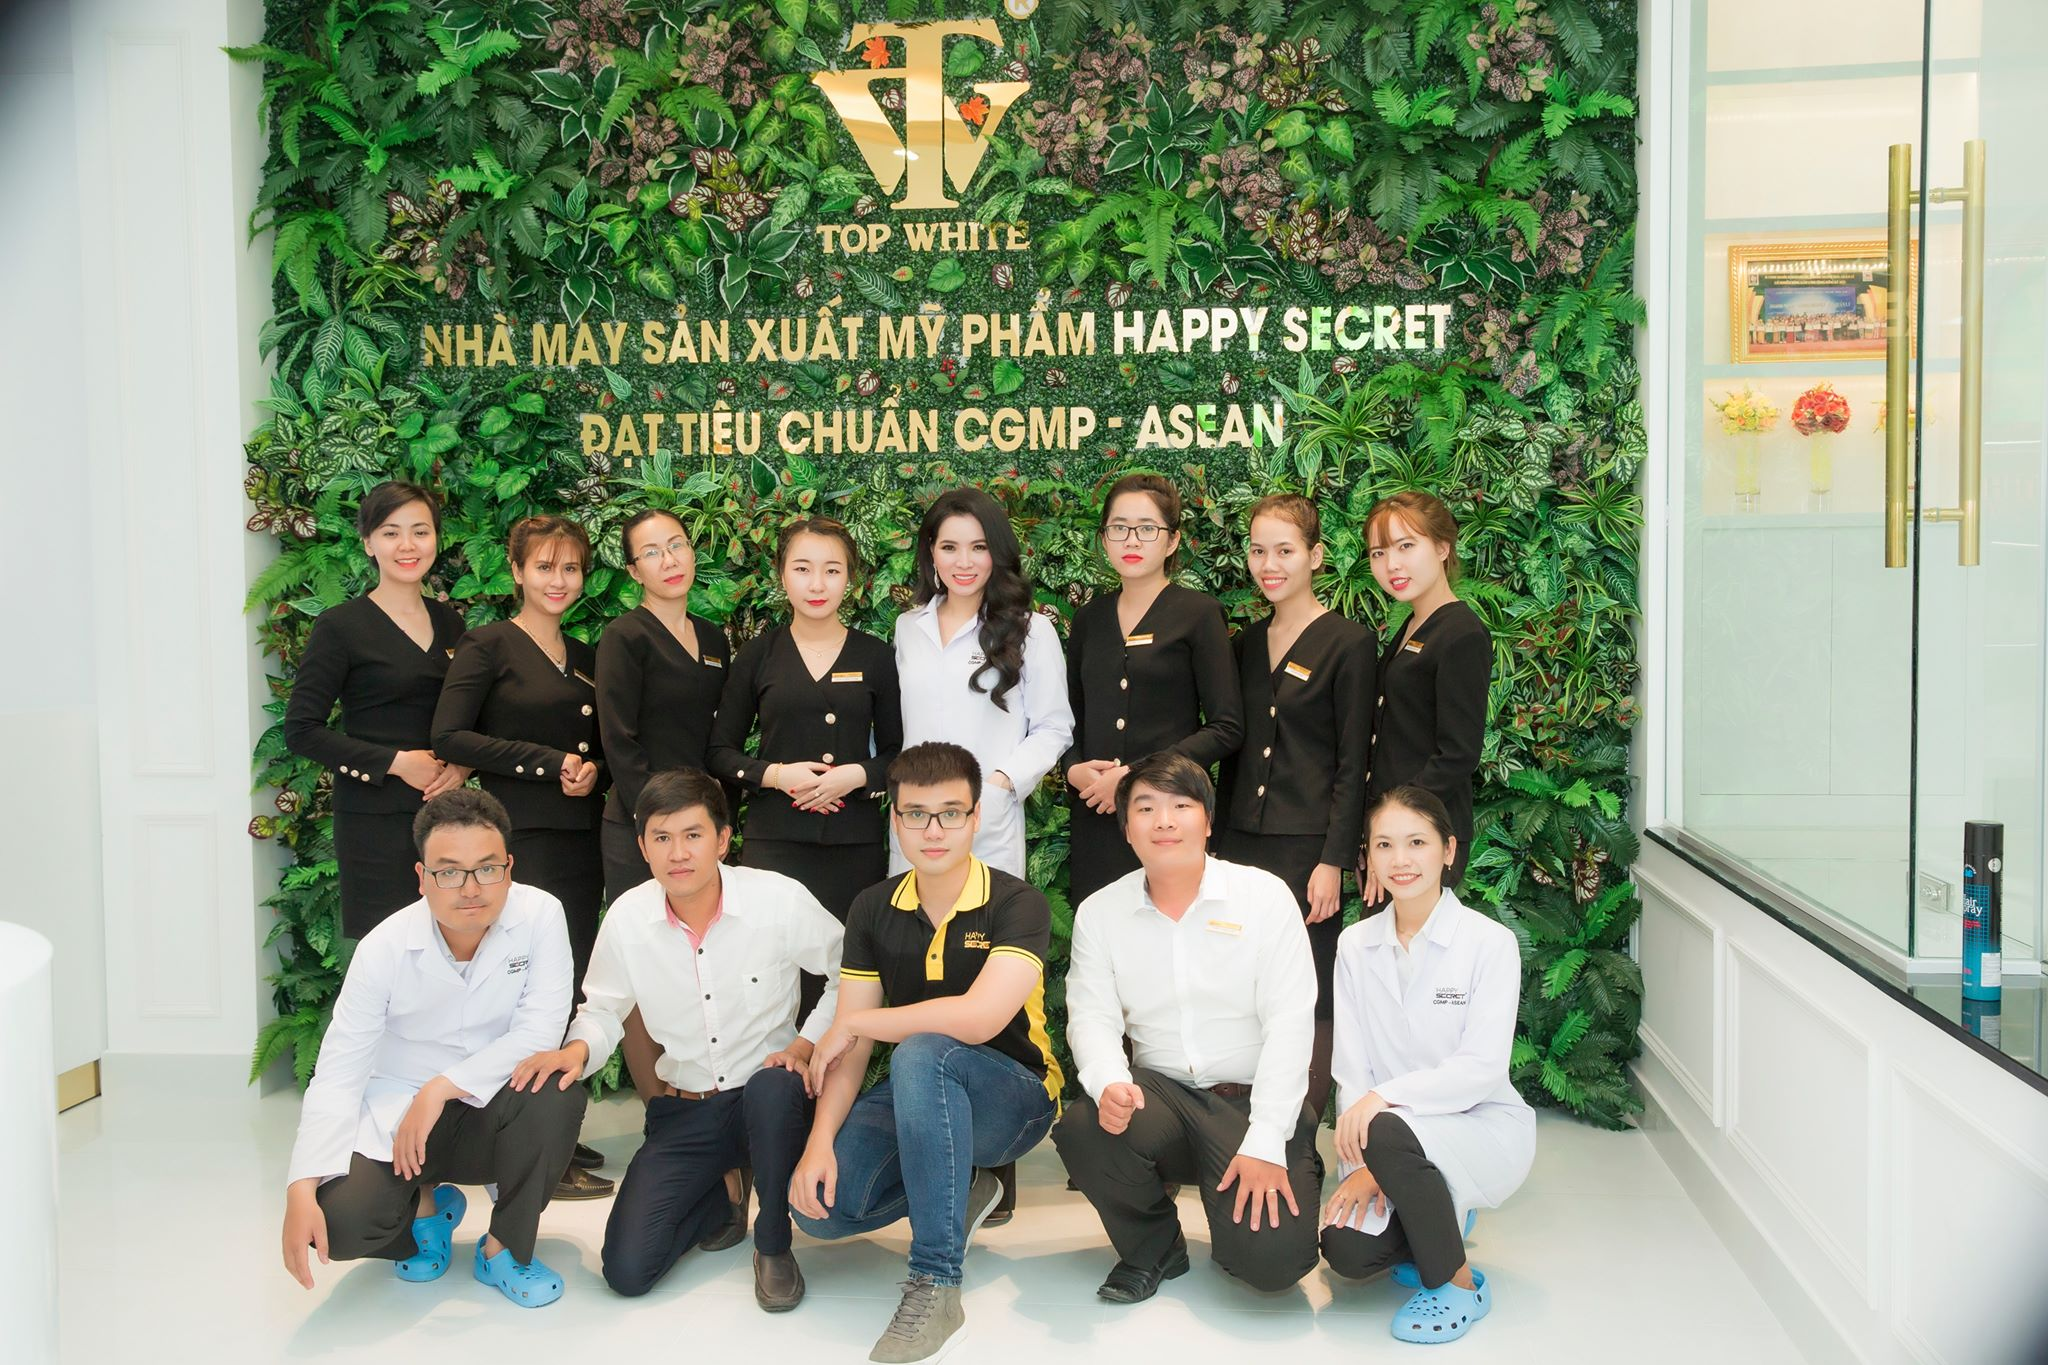 Nhà máy Happy Secret đẩy mạnh sản xuất đáp ứng nhu cầu ngày càng cao của phái đẹp